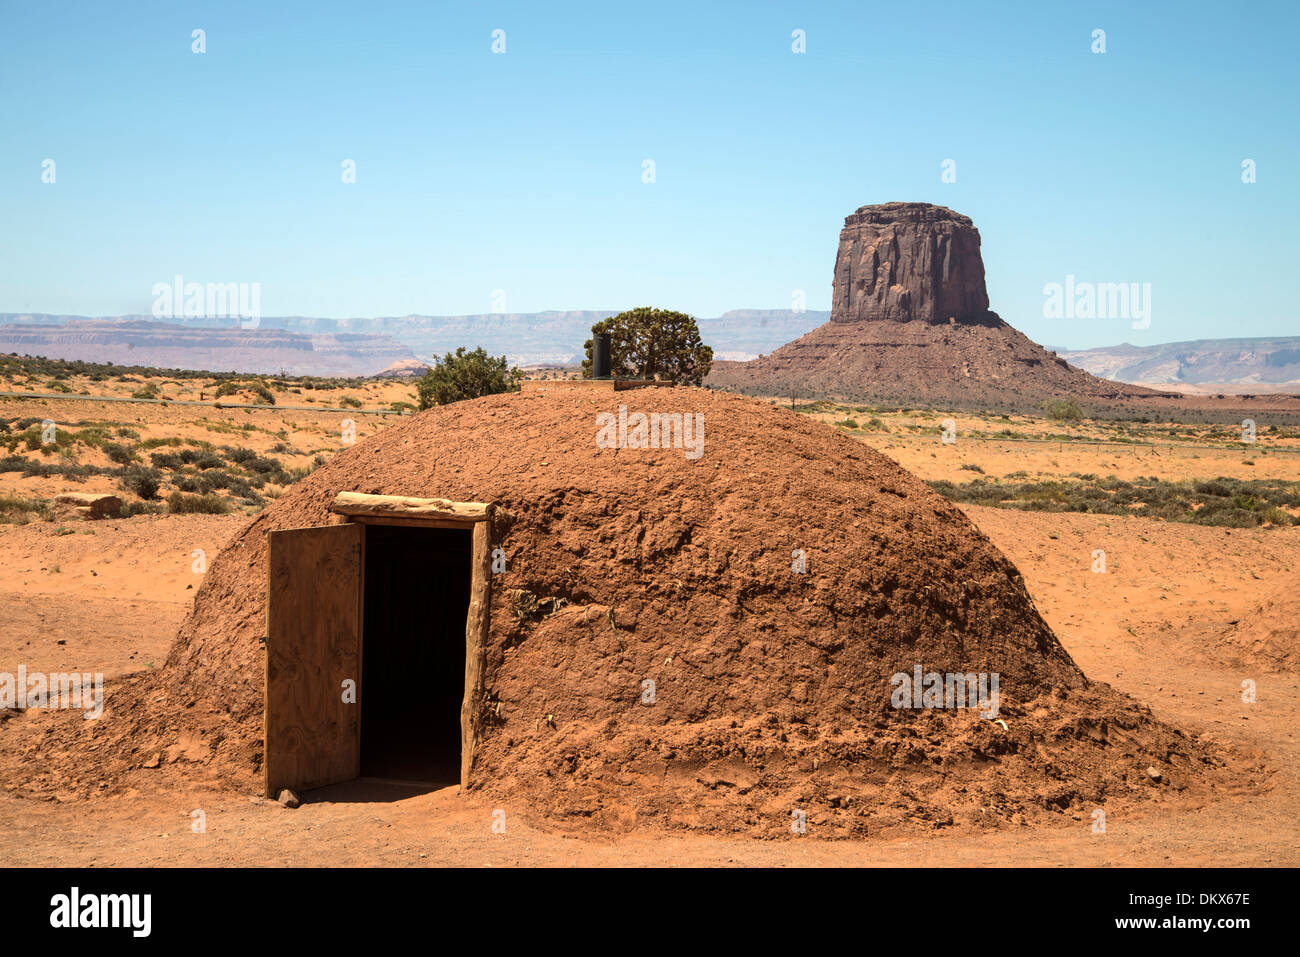 Hogan, capanna, Monument Valley, Stati Uniti d'America, Stati Uniti, America, Arizona, rocce, indiano, Immagini Stock